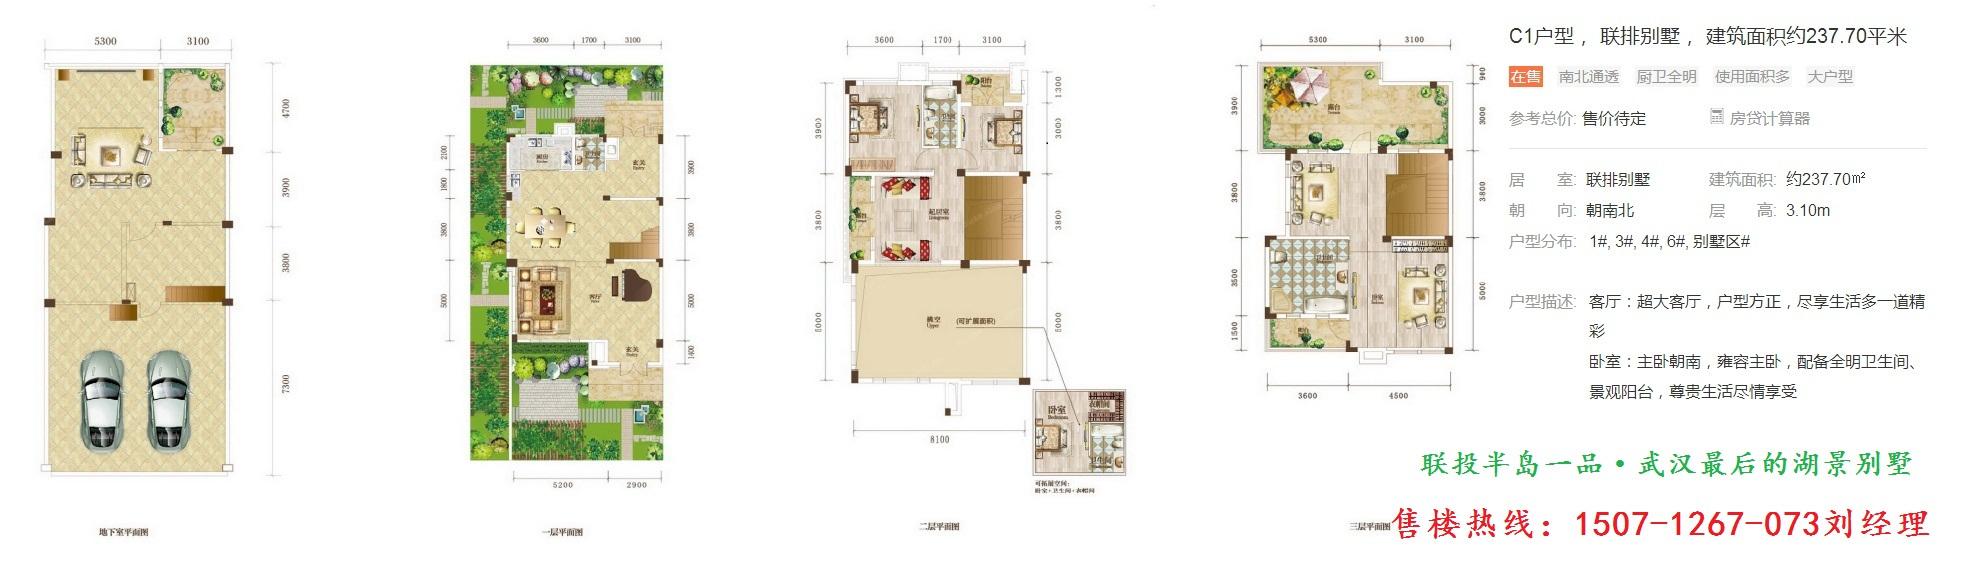 c2联排别墅户型,建筑面积约222.00平米 5室2厅3卫1厨